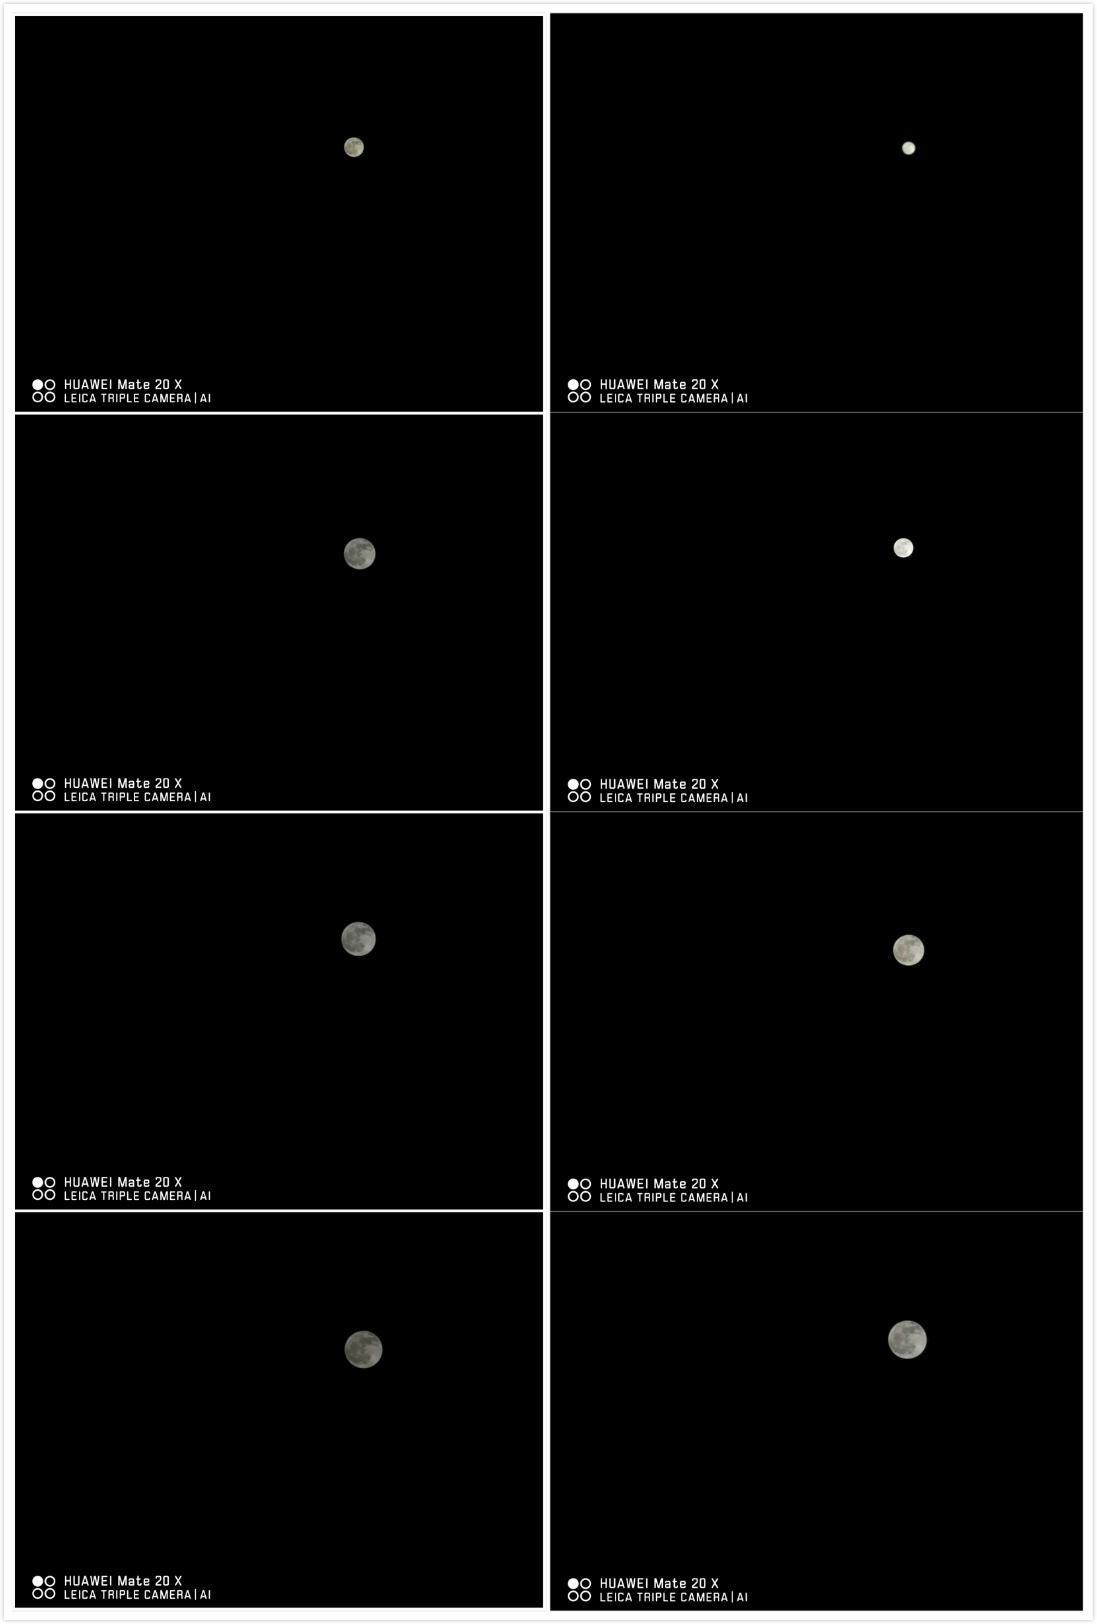 不同时间月亮对比.jpg